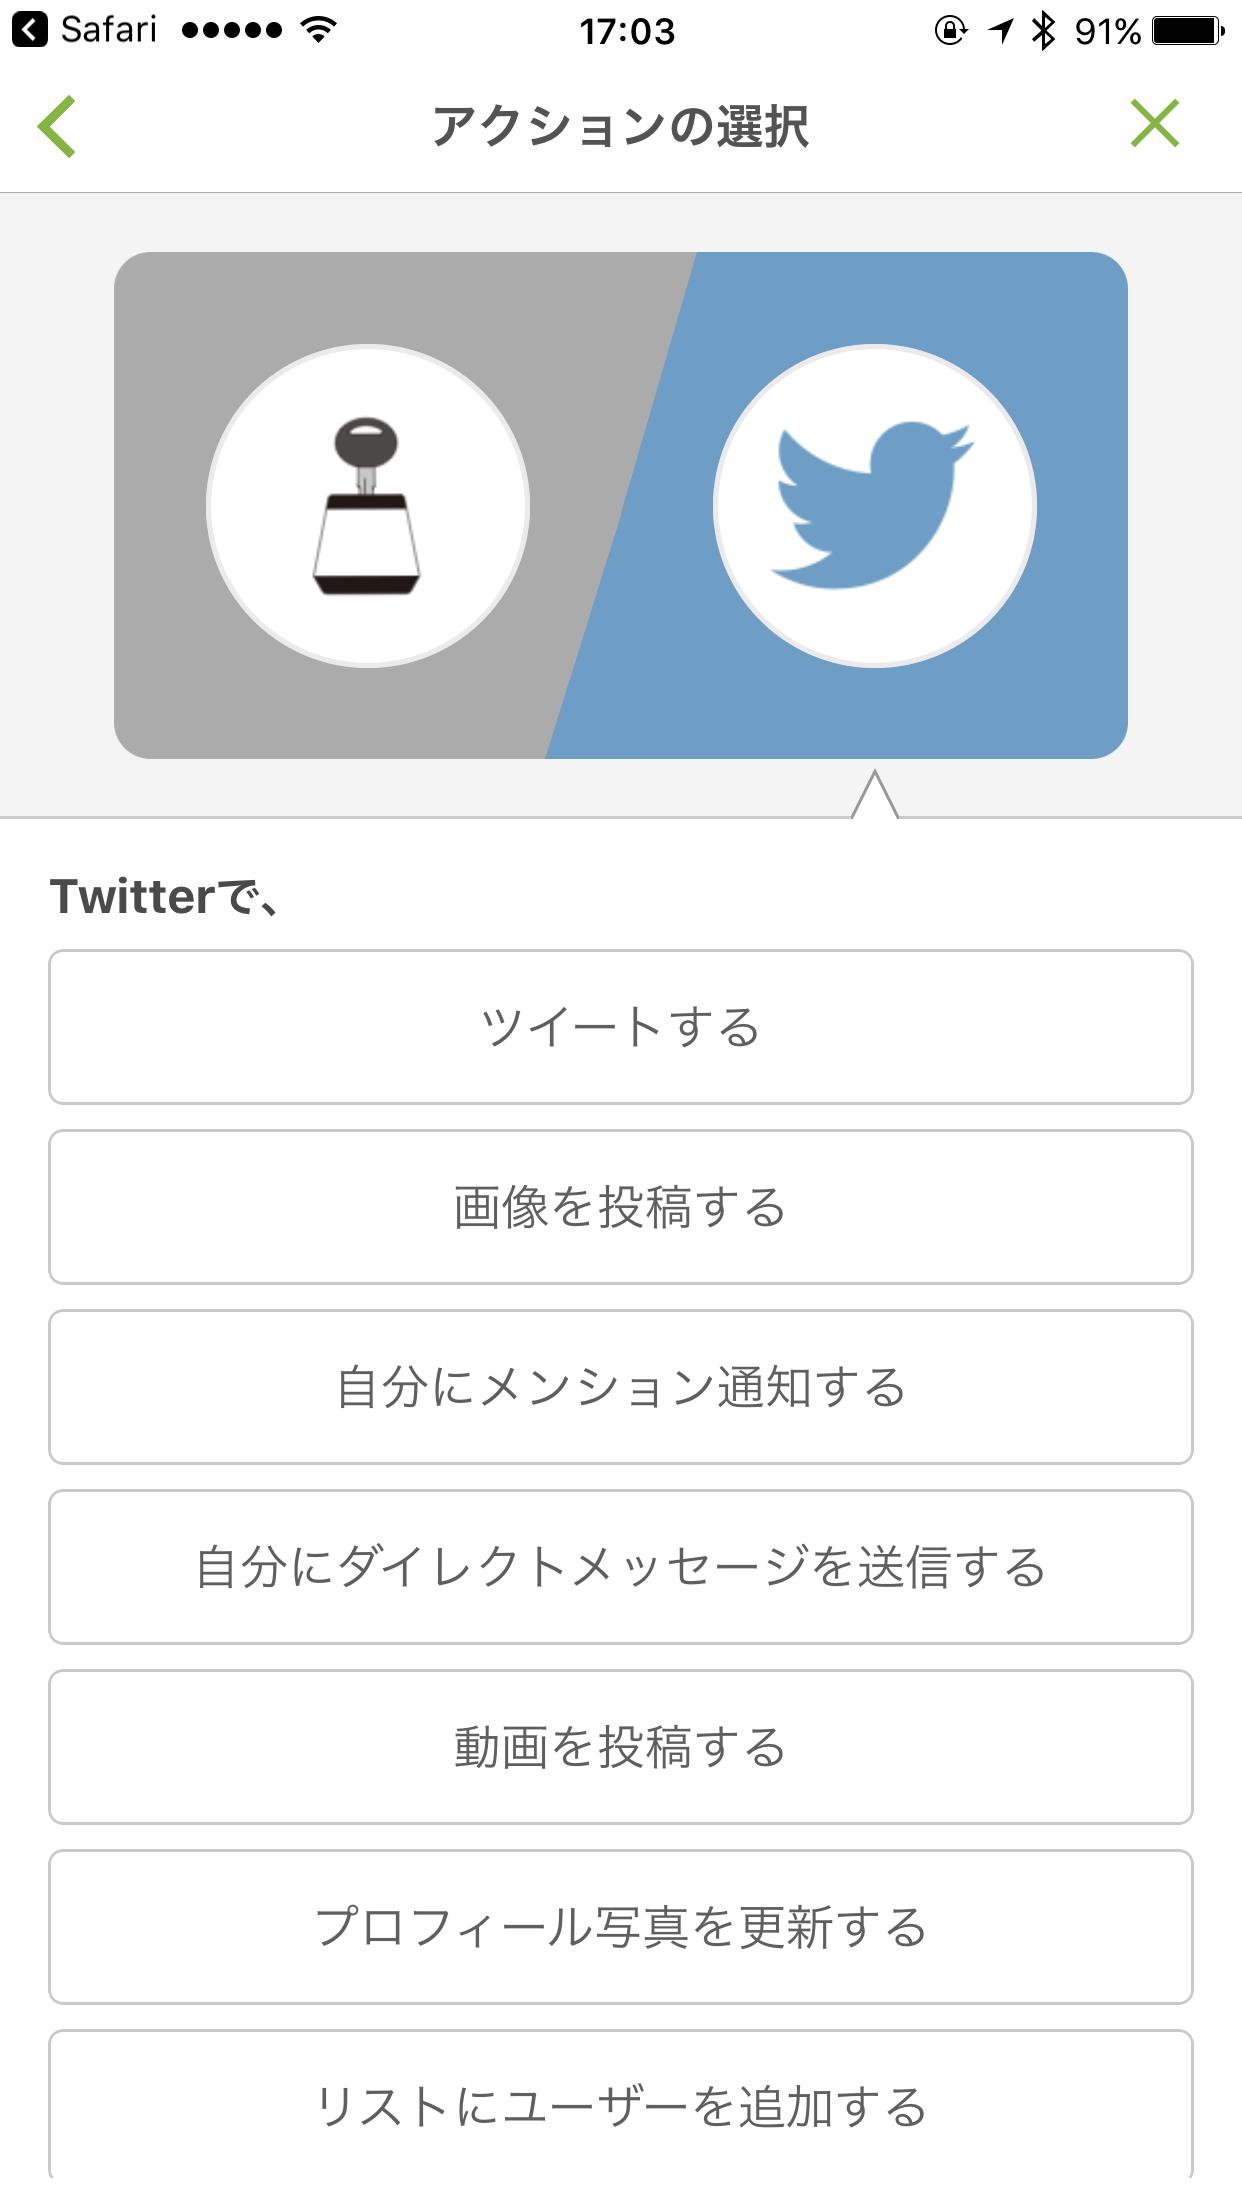 「Hackey」の鍵をひねったら、Twitterで自分宛にDMを送信する――という組み合わせを「myThings」で設定した例